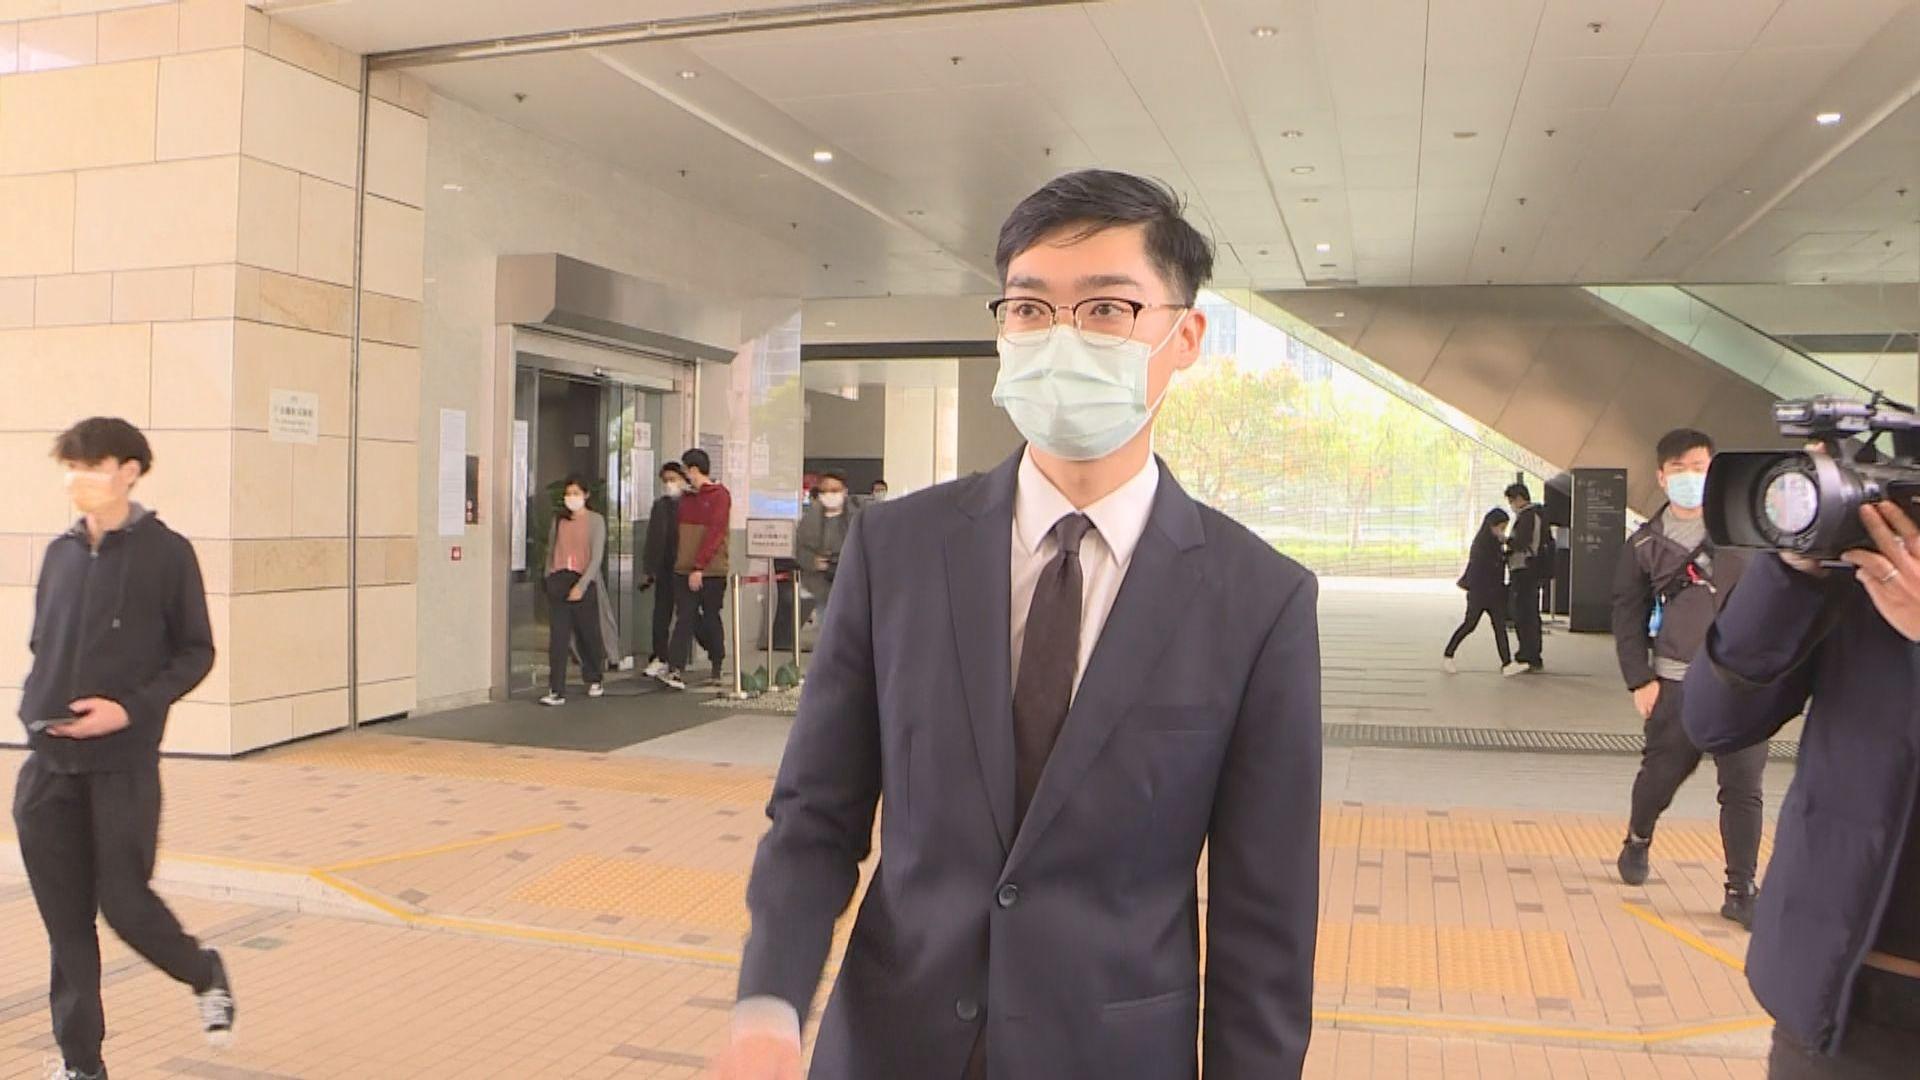 陳浩天被控去年光復上水遊行非法集結及襲警罪不成立